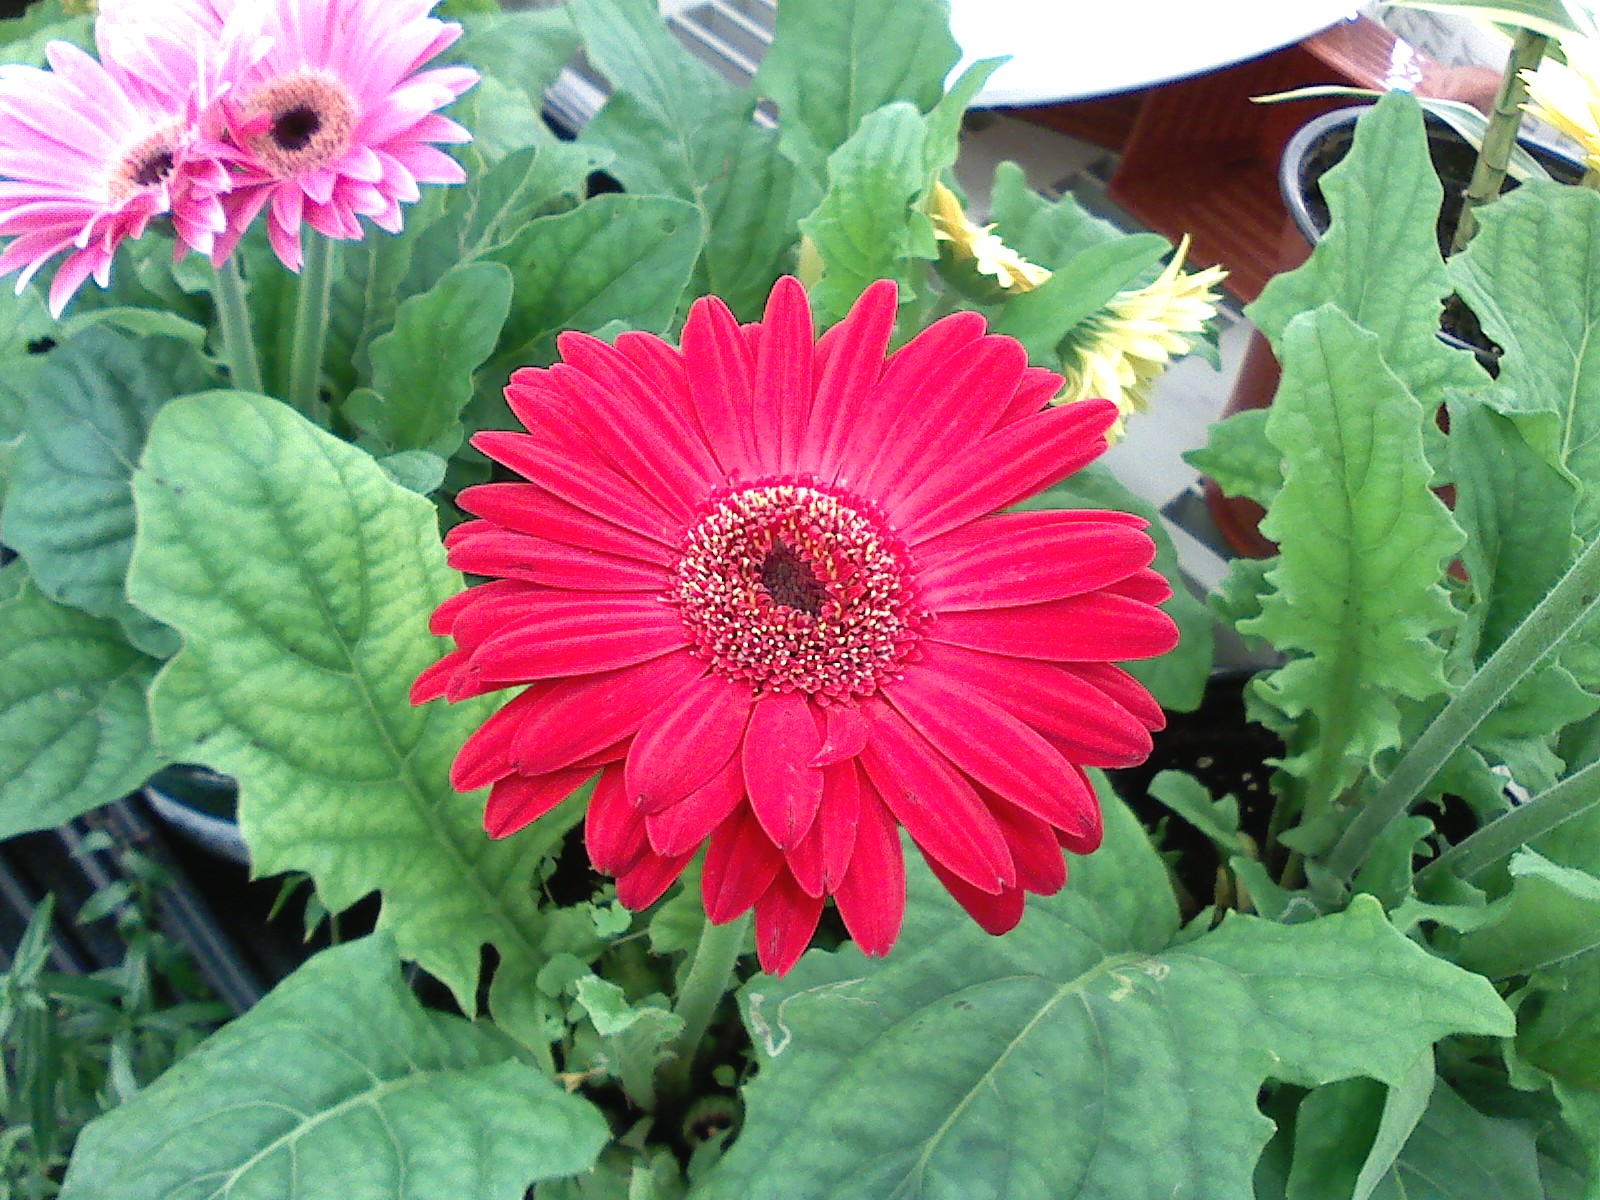 Fotos De Flores Tipicas De Puerto Rico - Hibiscus Wikipedia, la enciclopedia libre